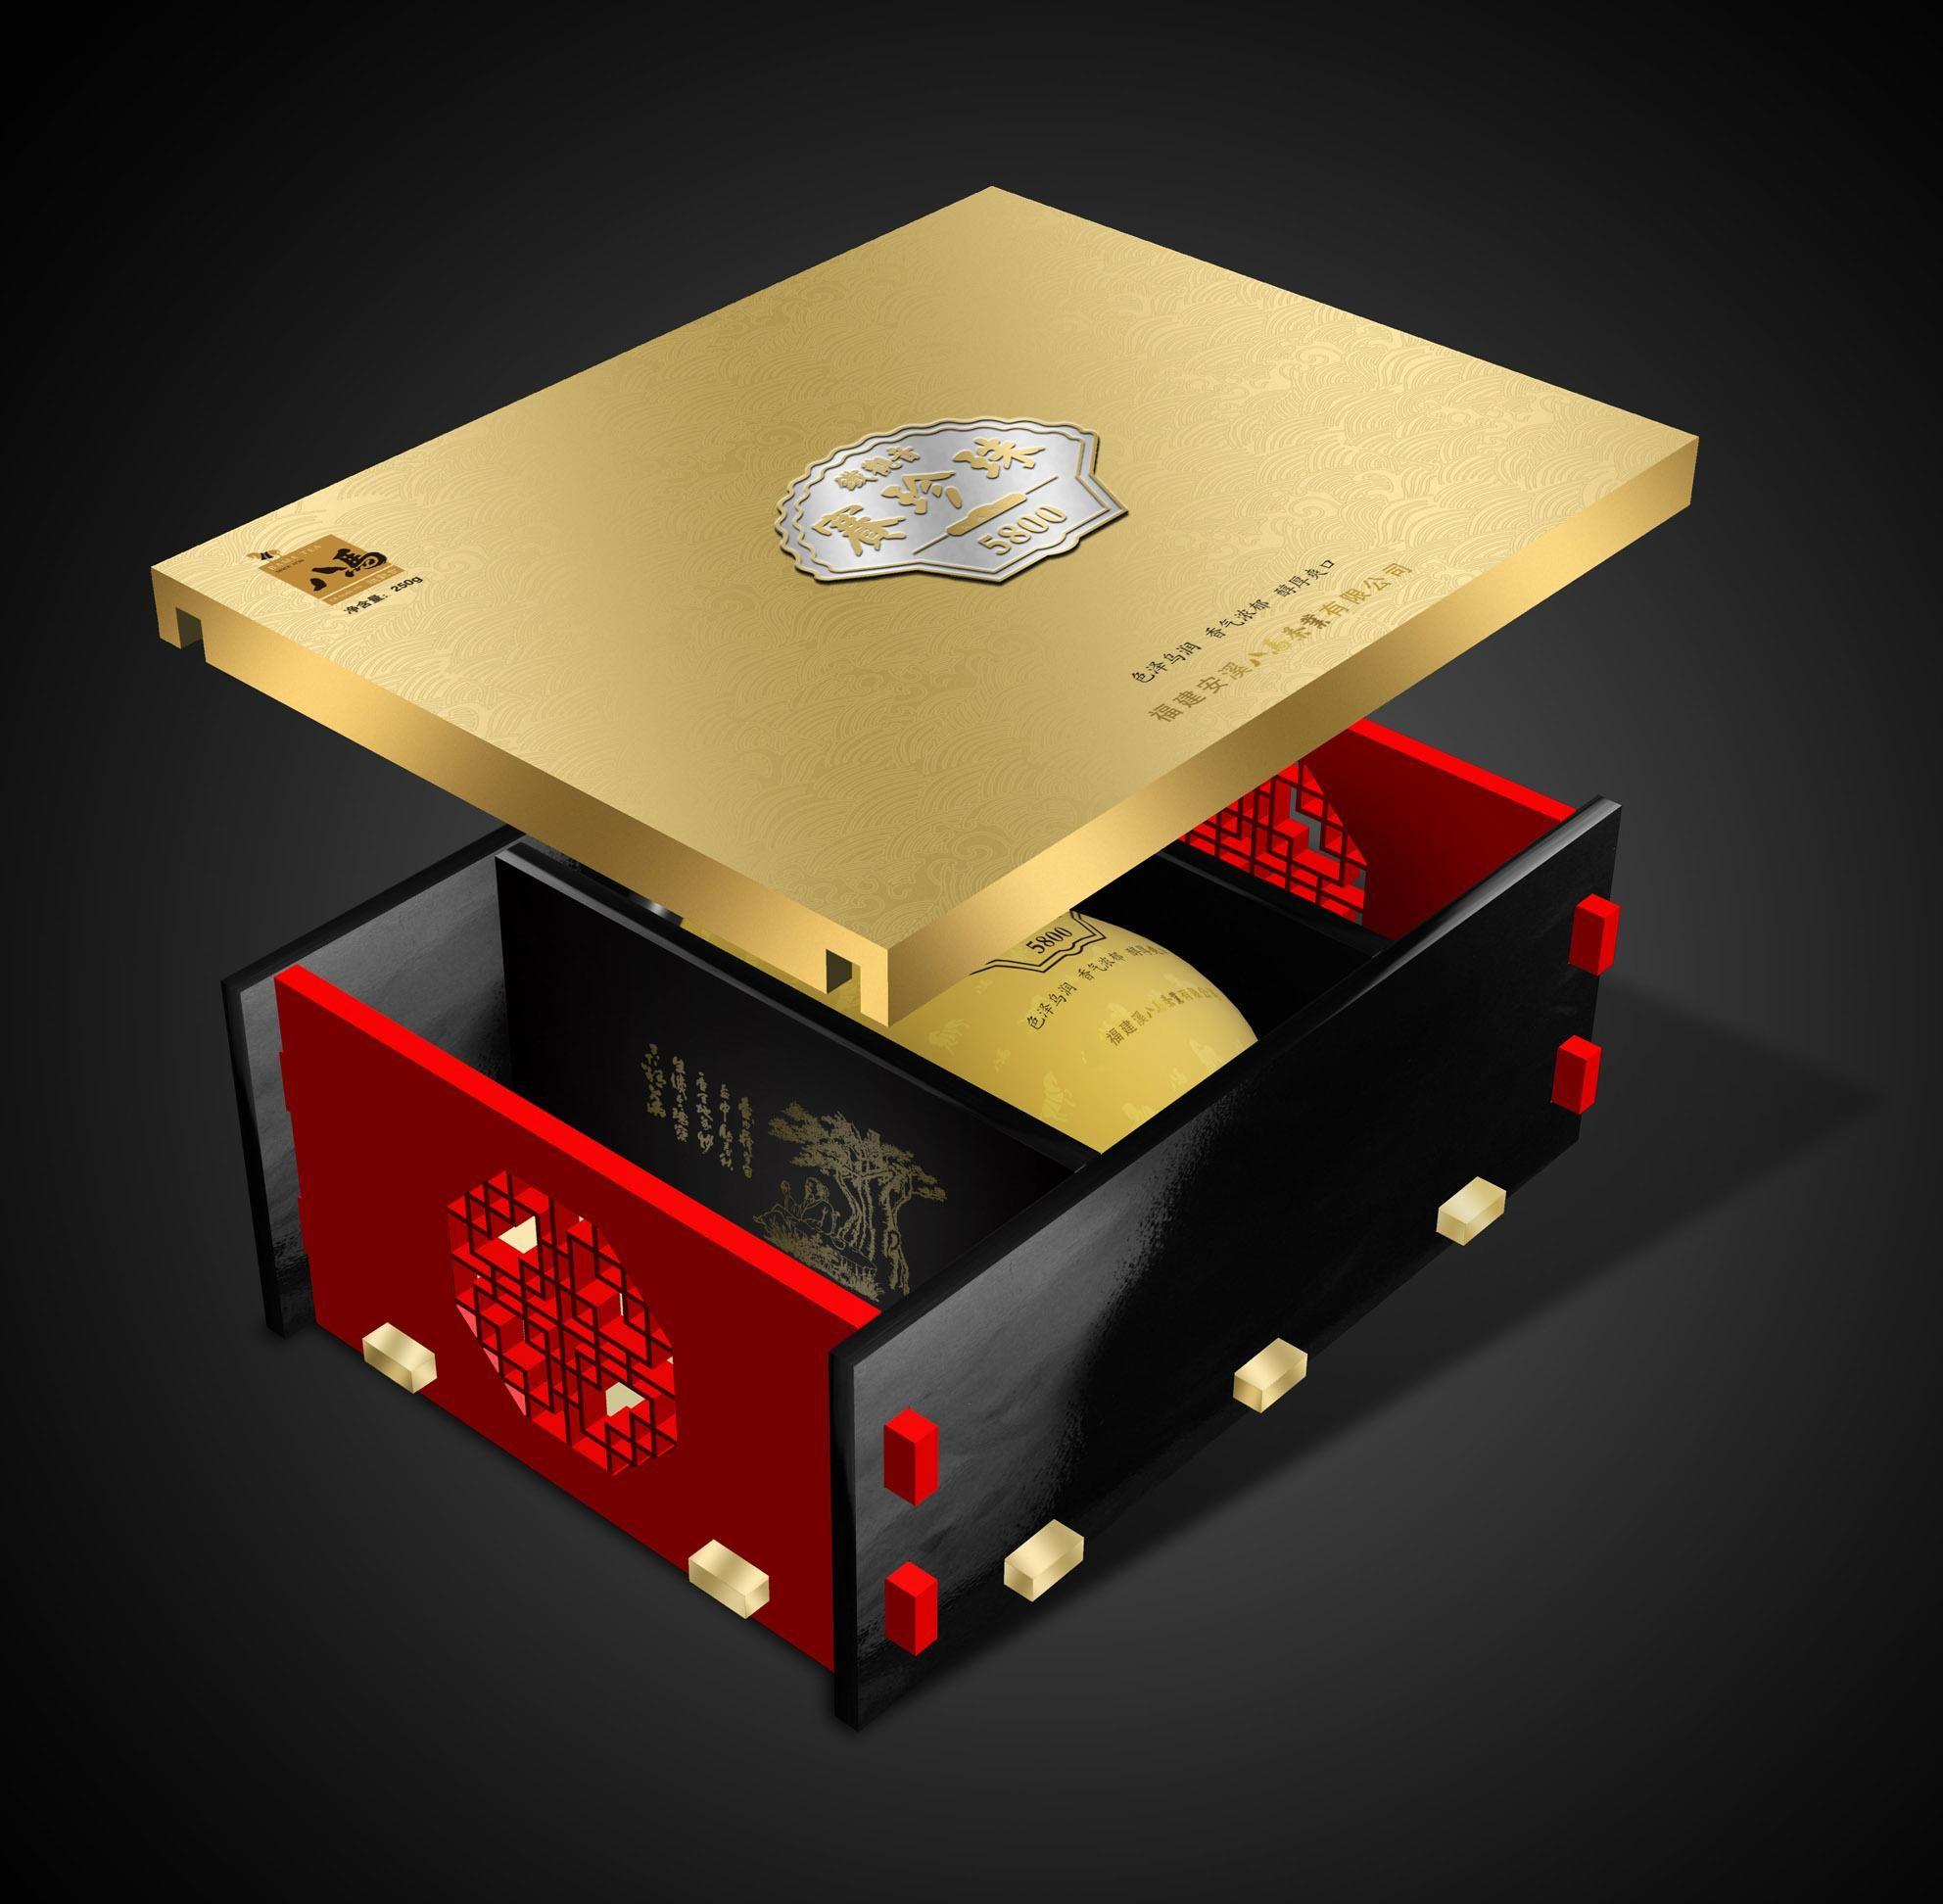 棋盘茶叶盒包装案例图片 - 设计师z469247073设计工作图片